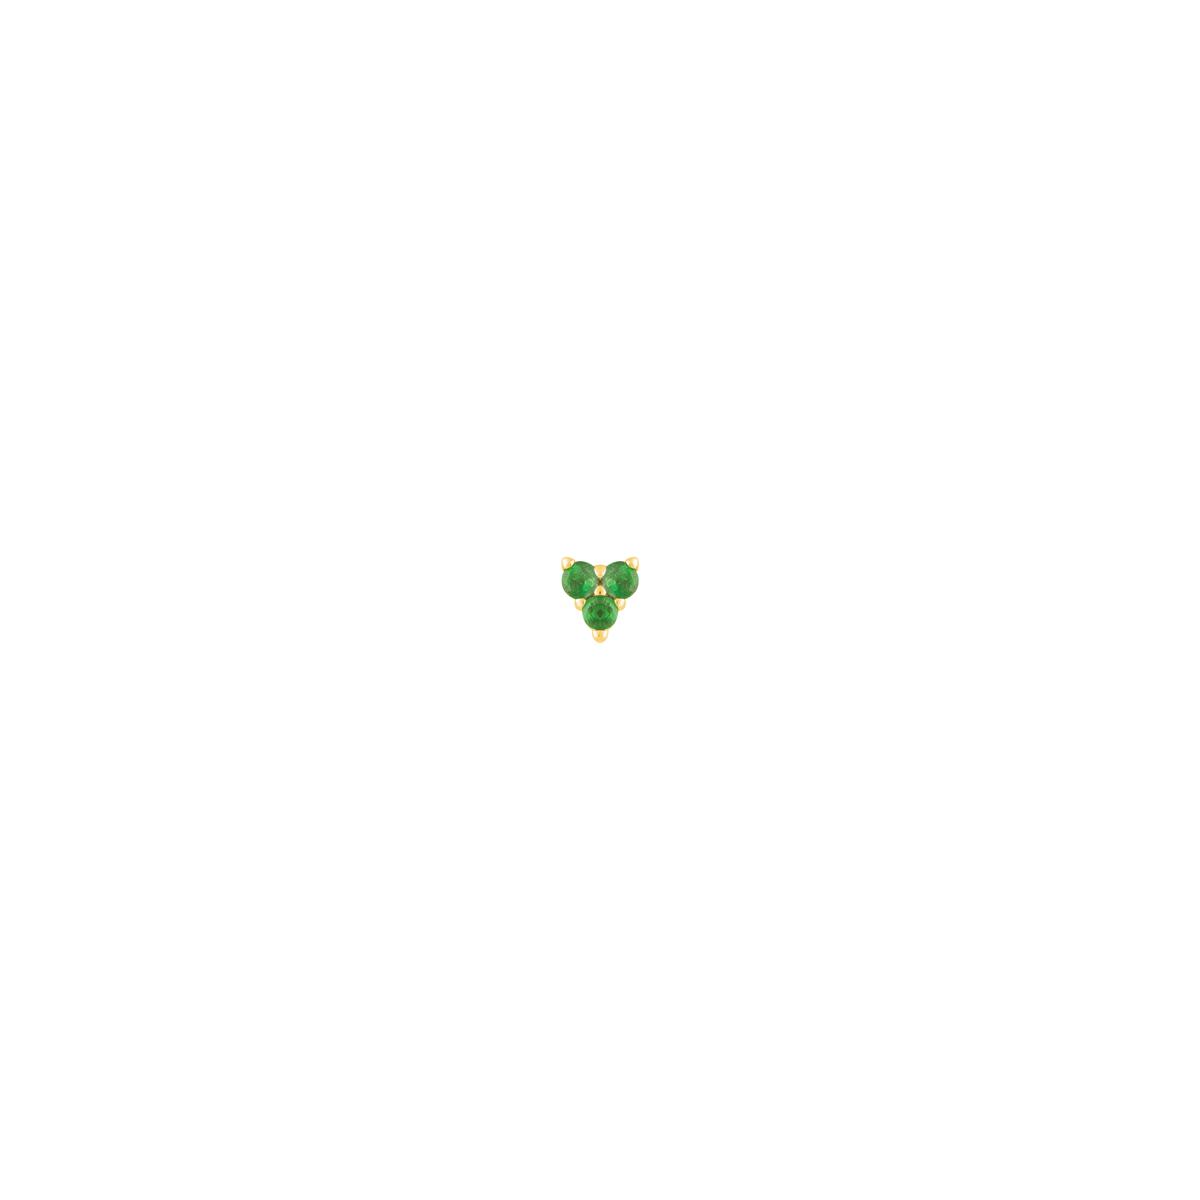 گوشواره طلا تک لنگه ای سه لونا سبز